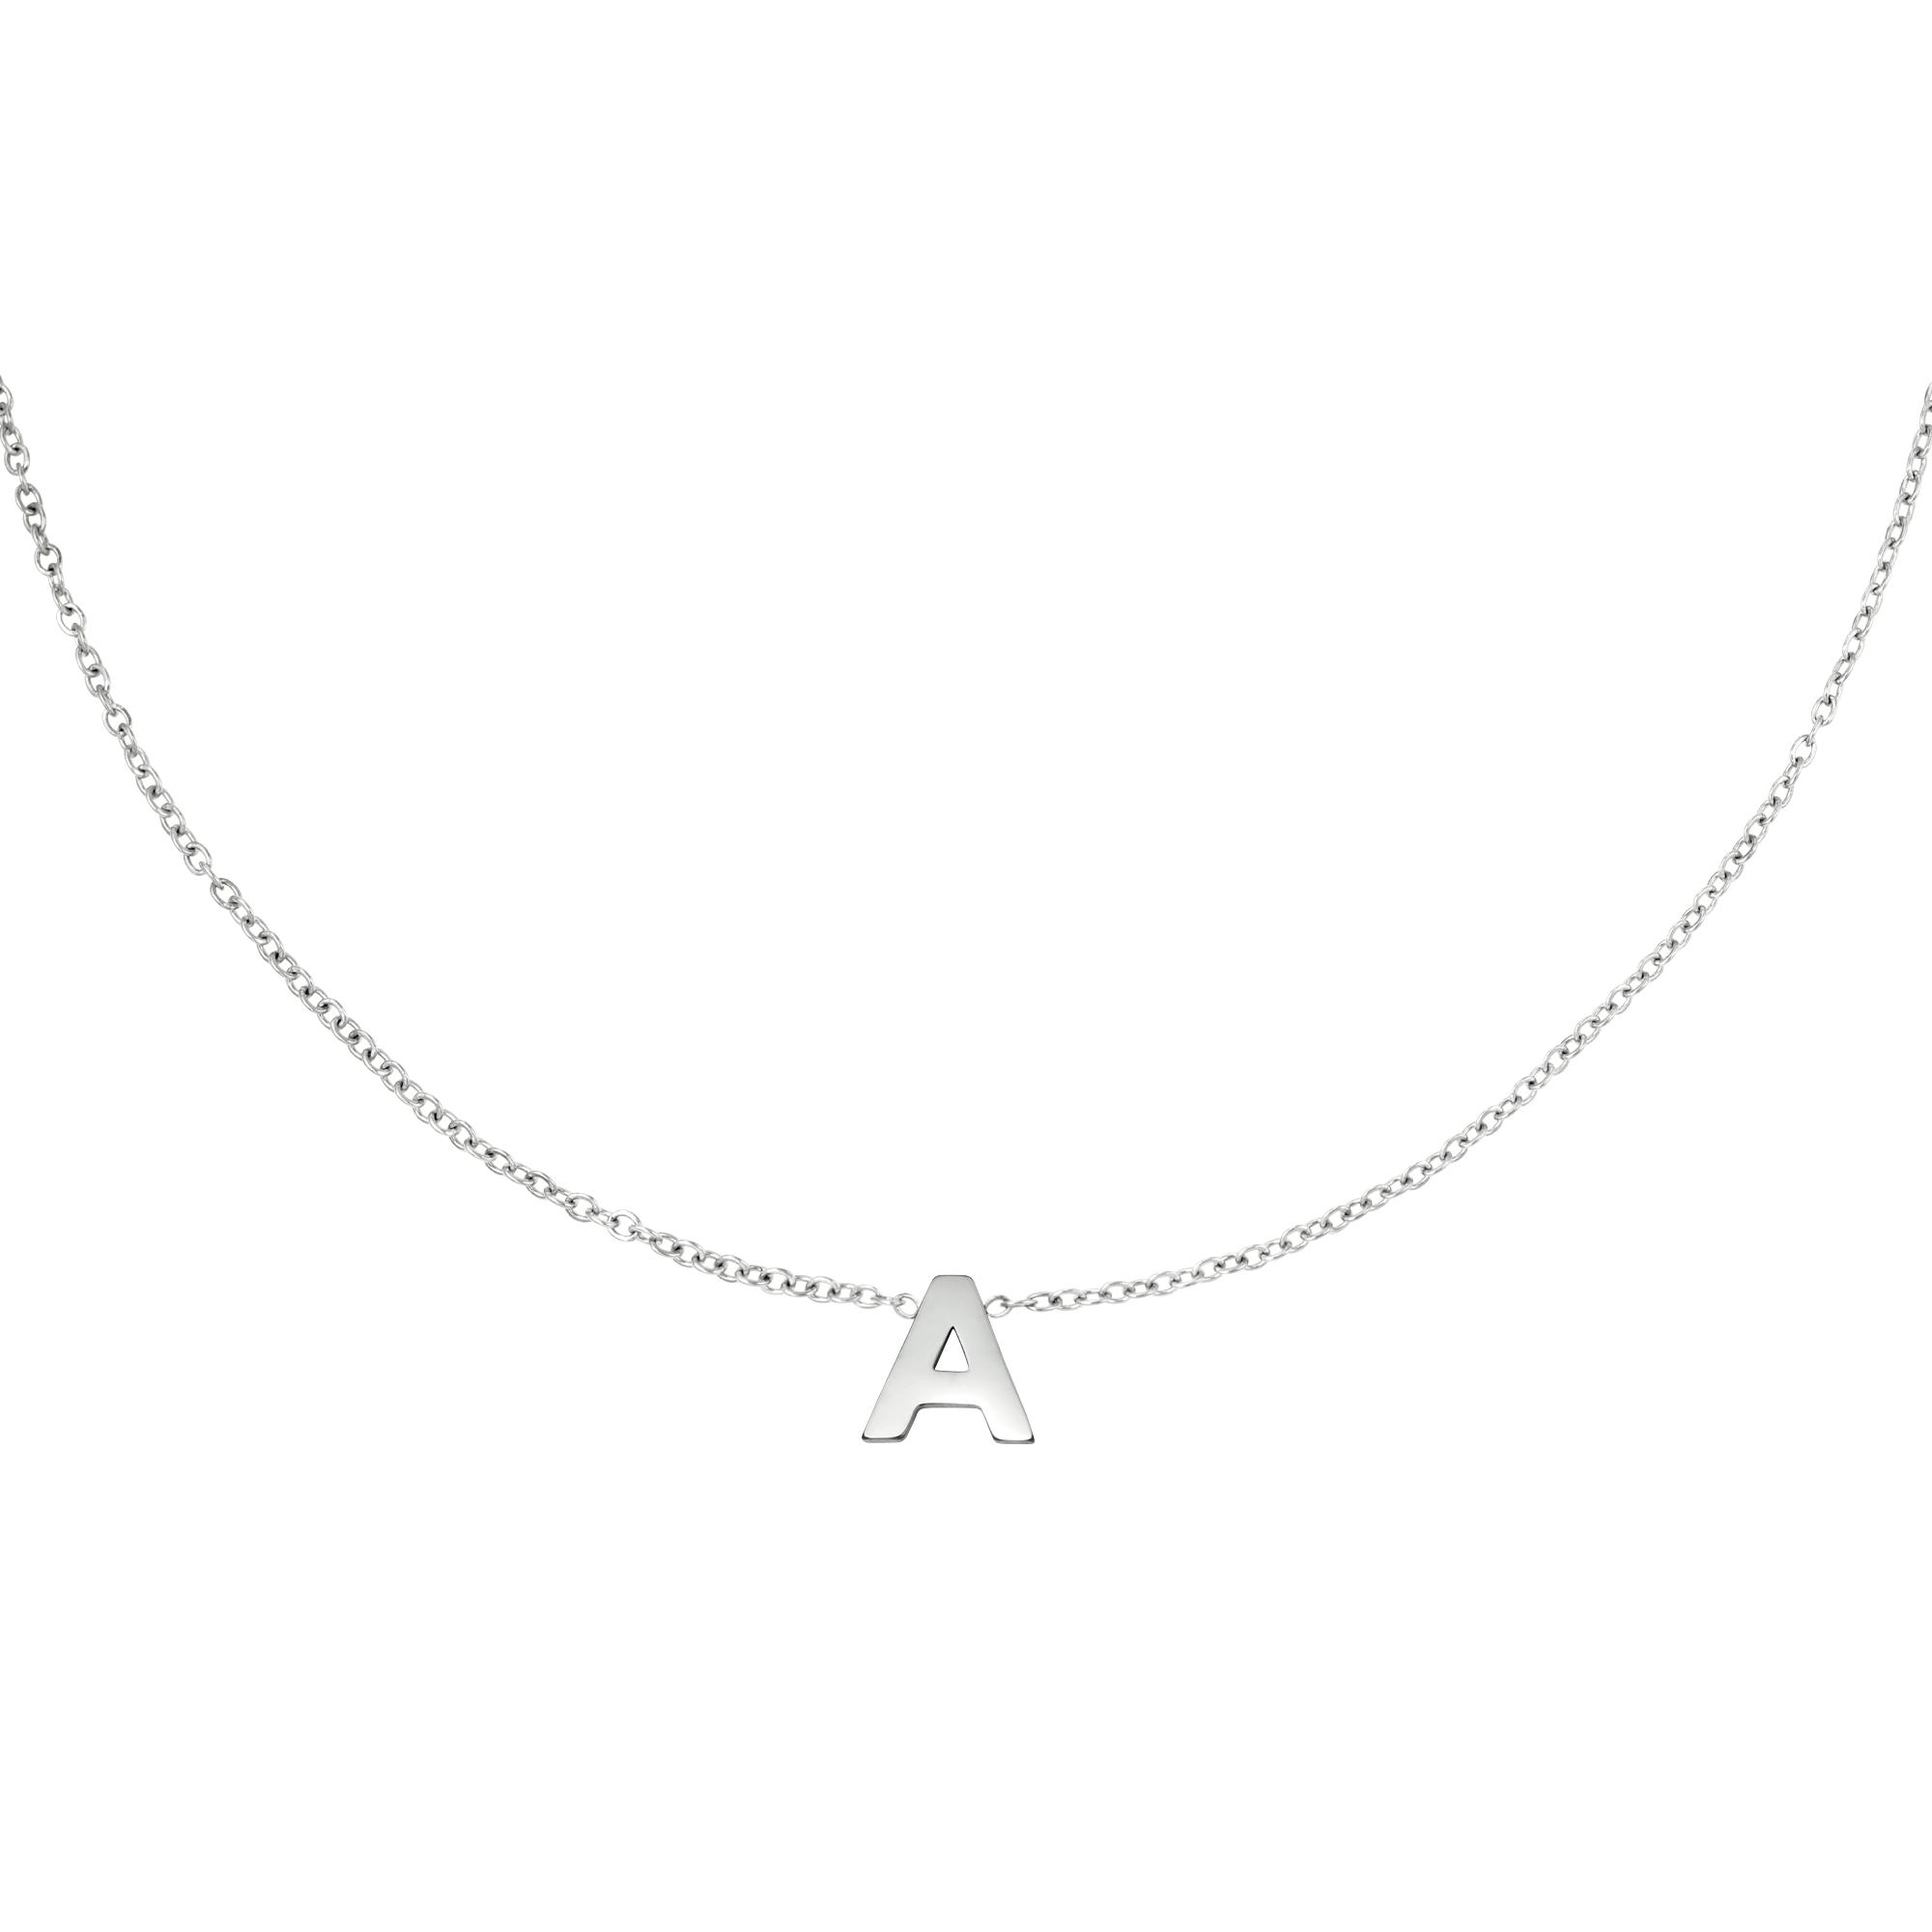 Collier en acier inoxydable initiale H